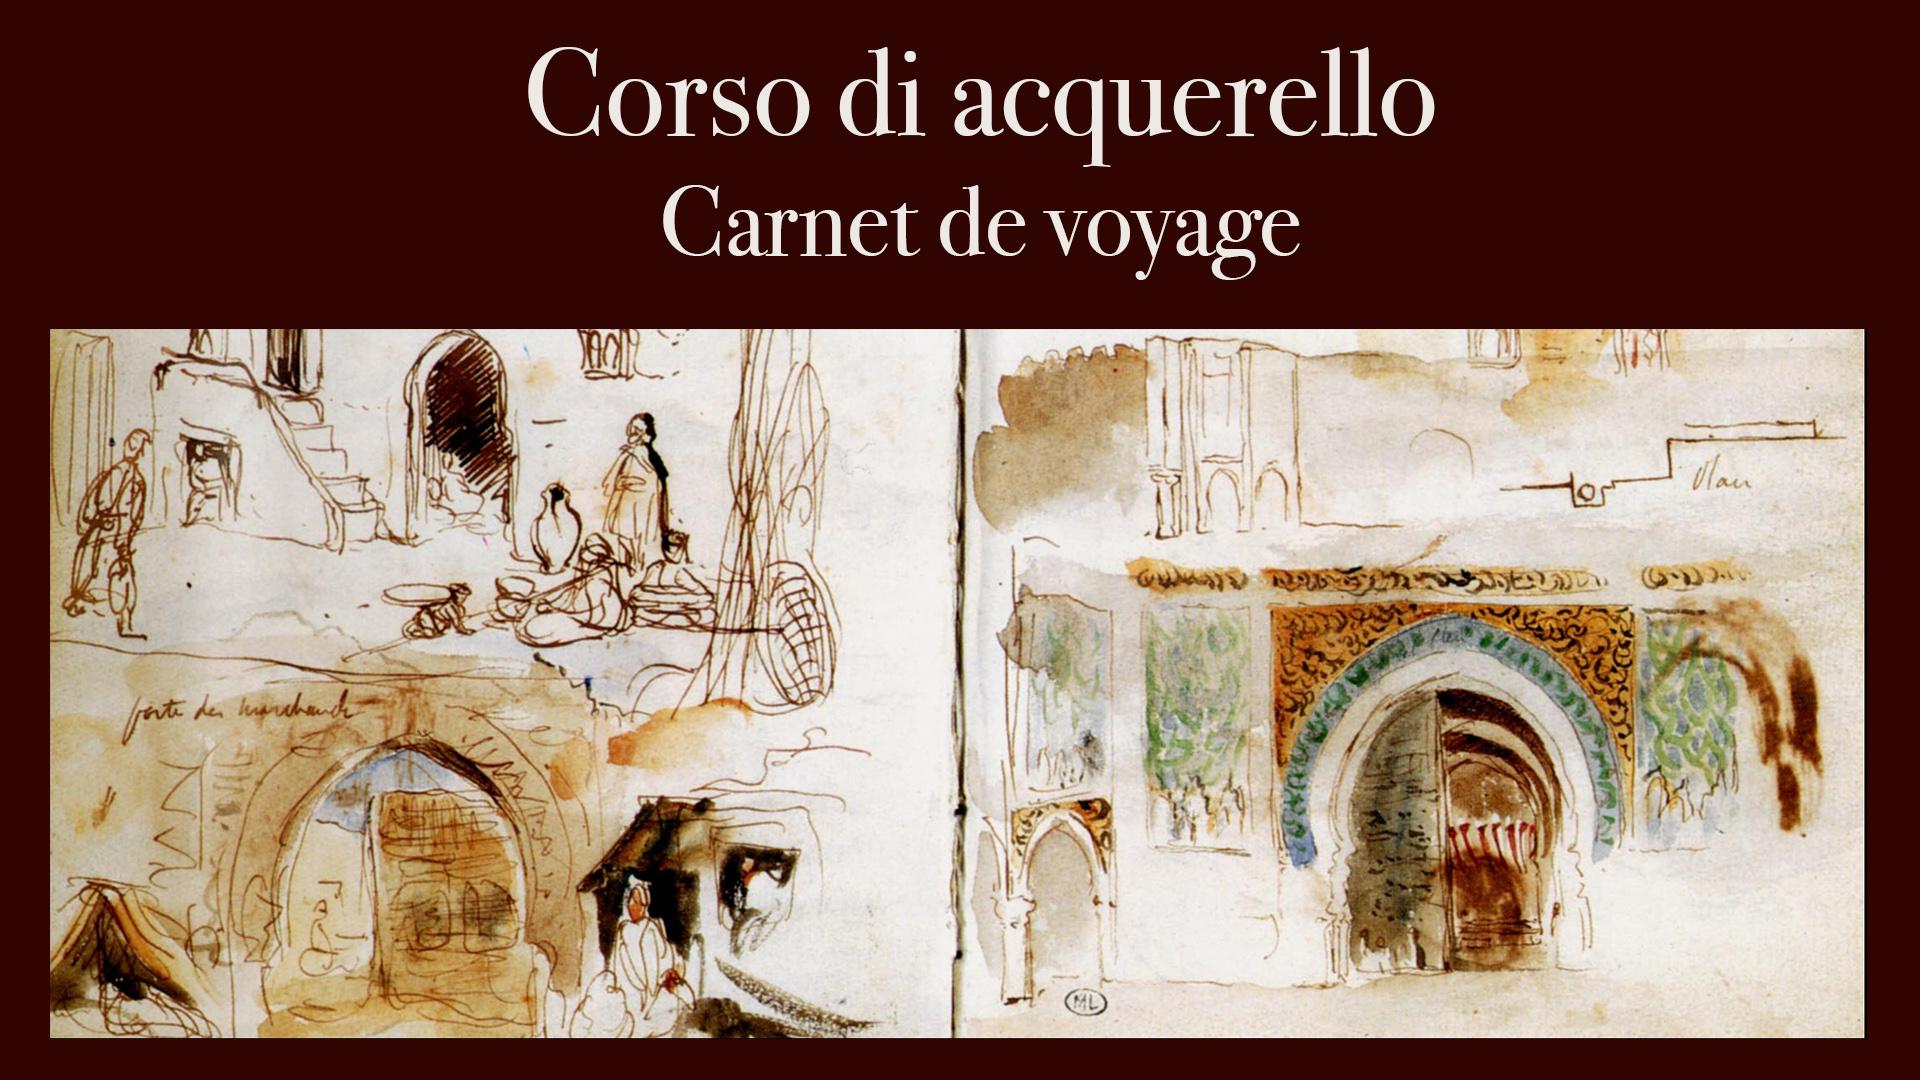 Corso Di Acquerello: Carnet De Voyage 2